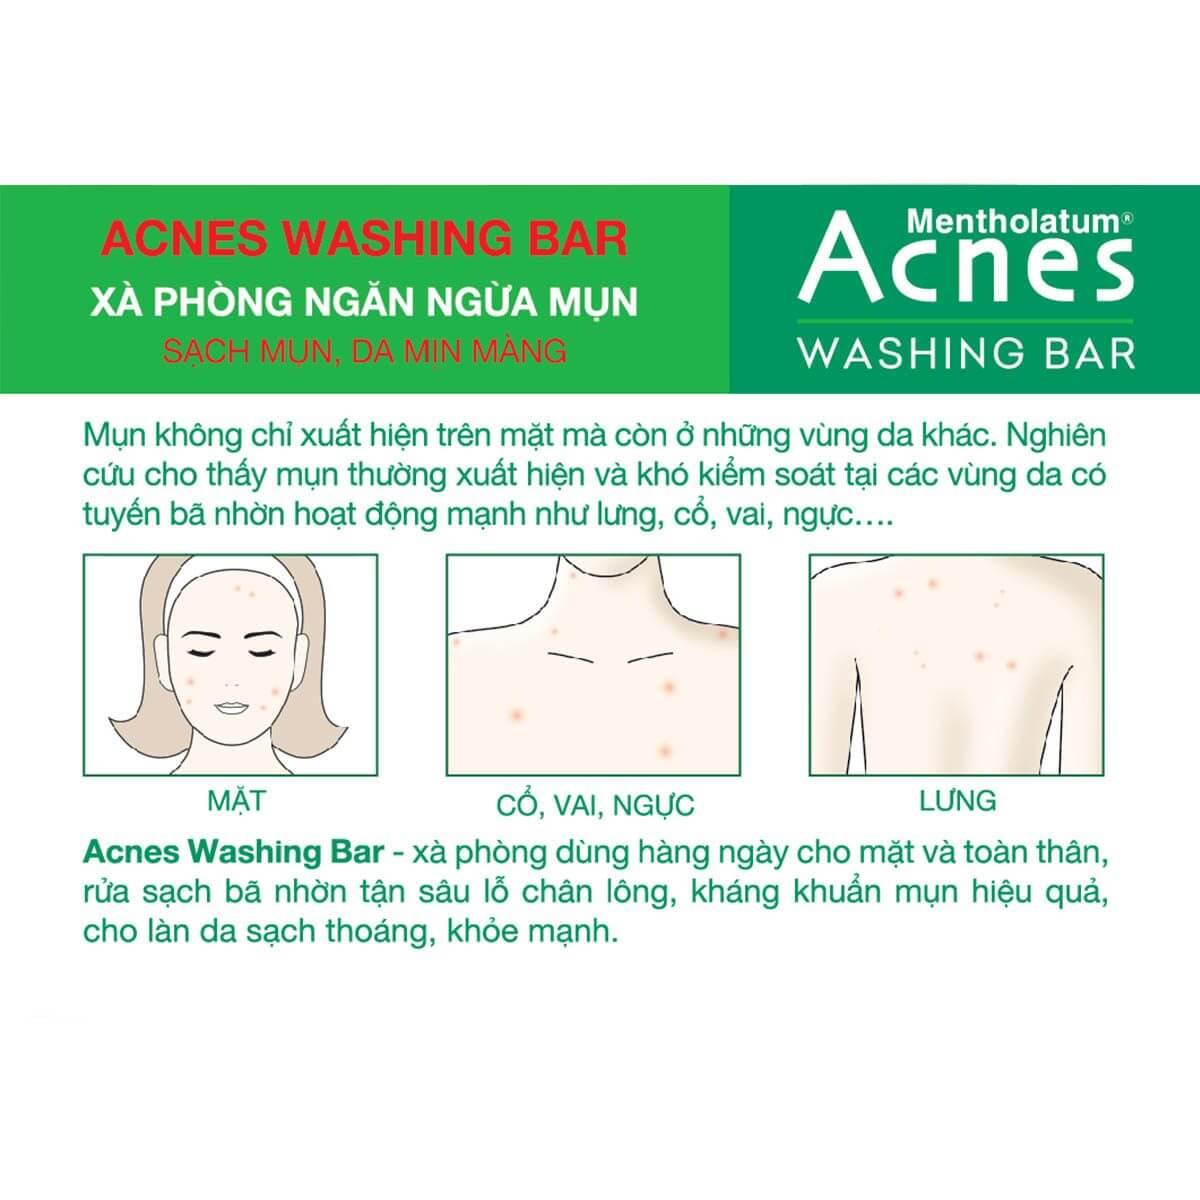 Acnes Washing Bar - Xà phòng kháng khuẩn và trị mụn